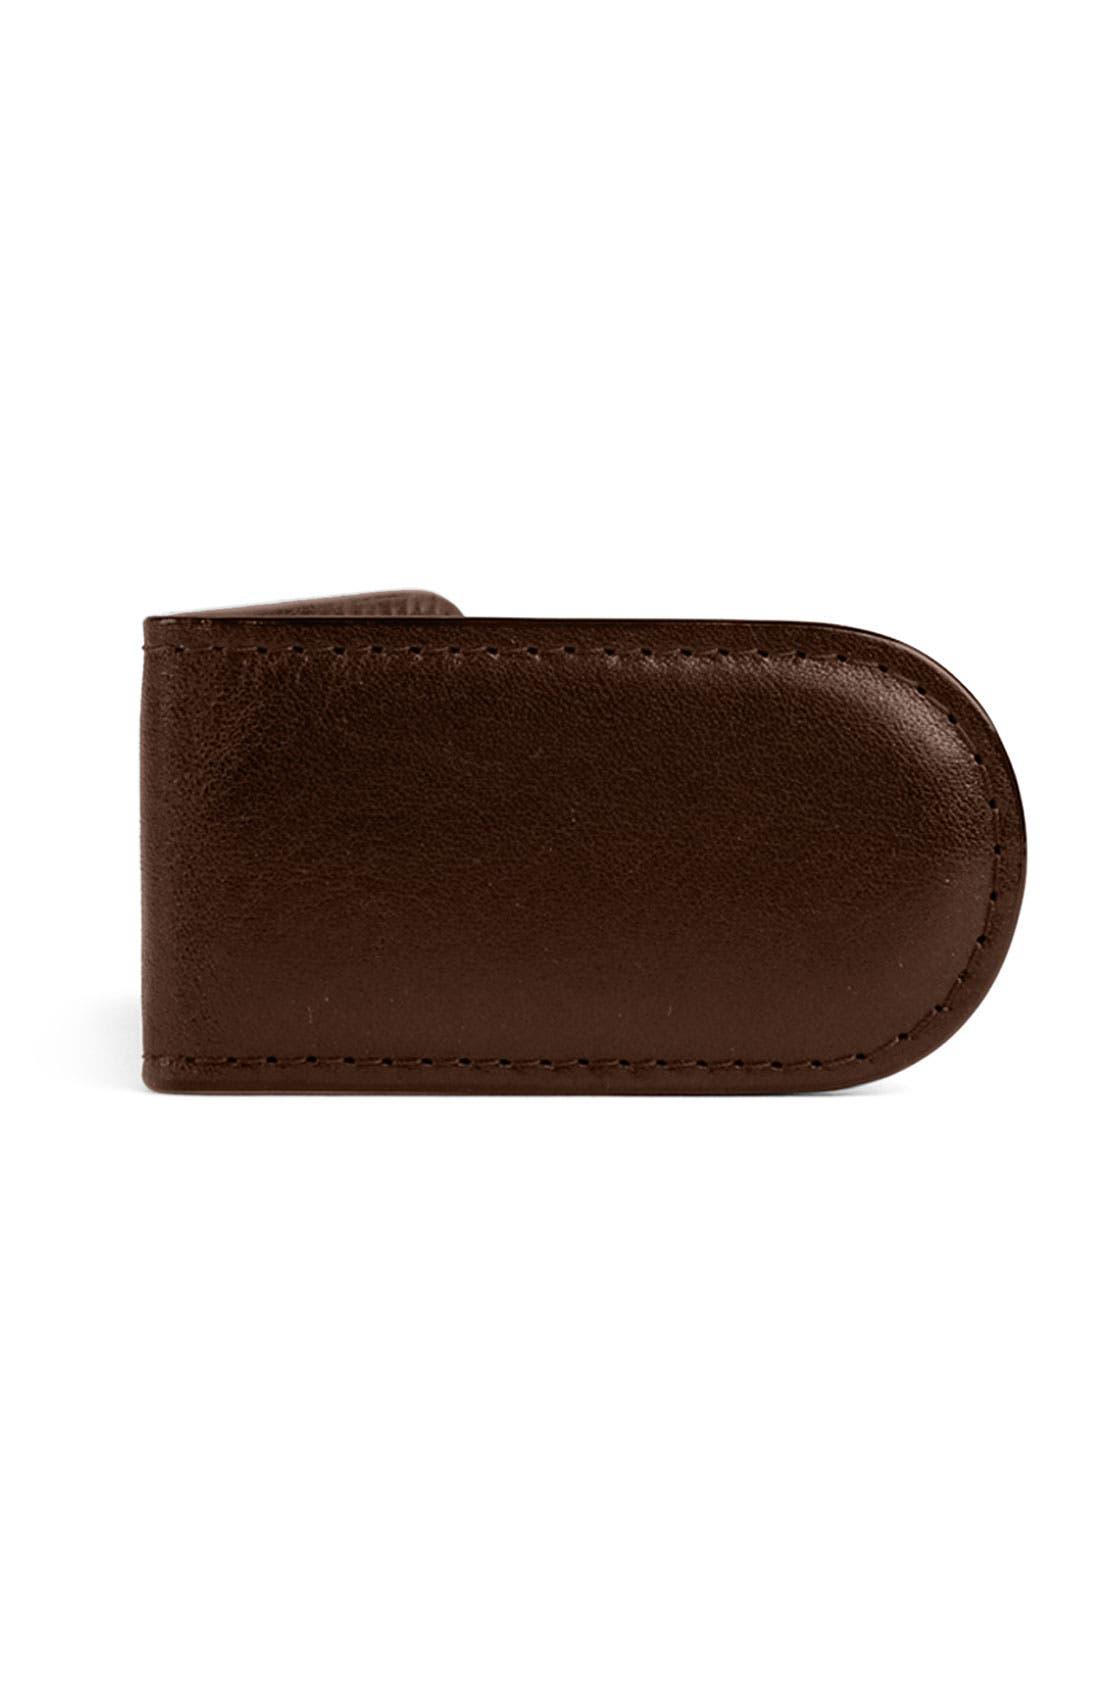 Leather Money Clip,                             Main thumbnail 3, color,